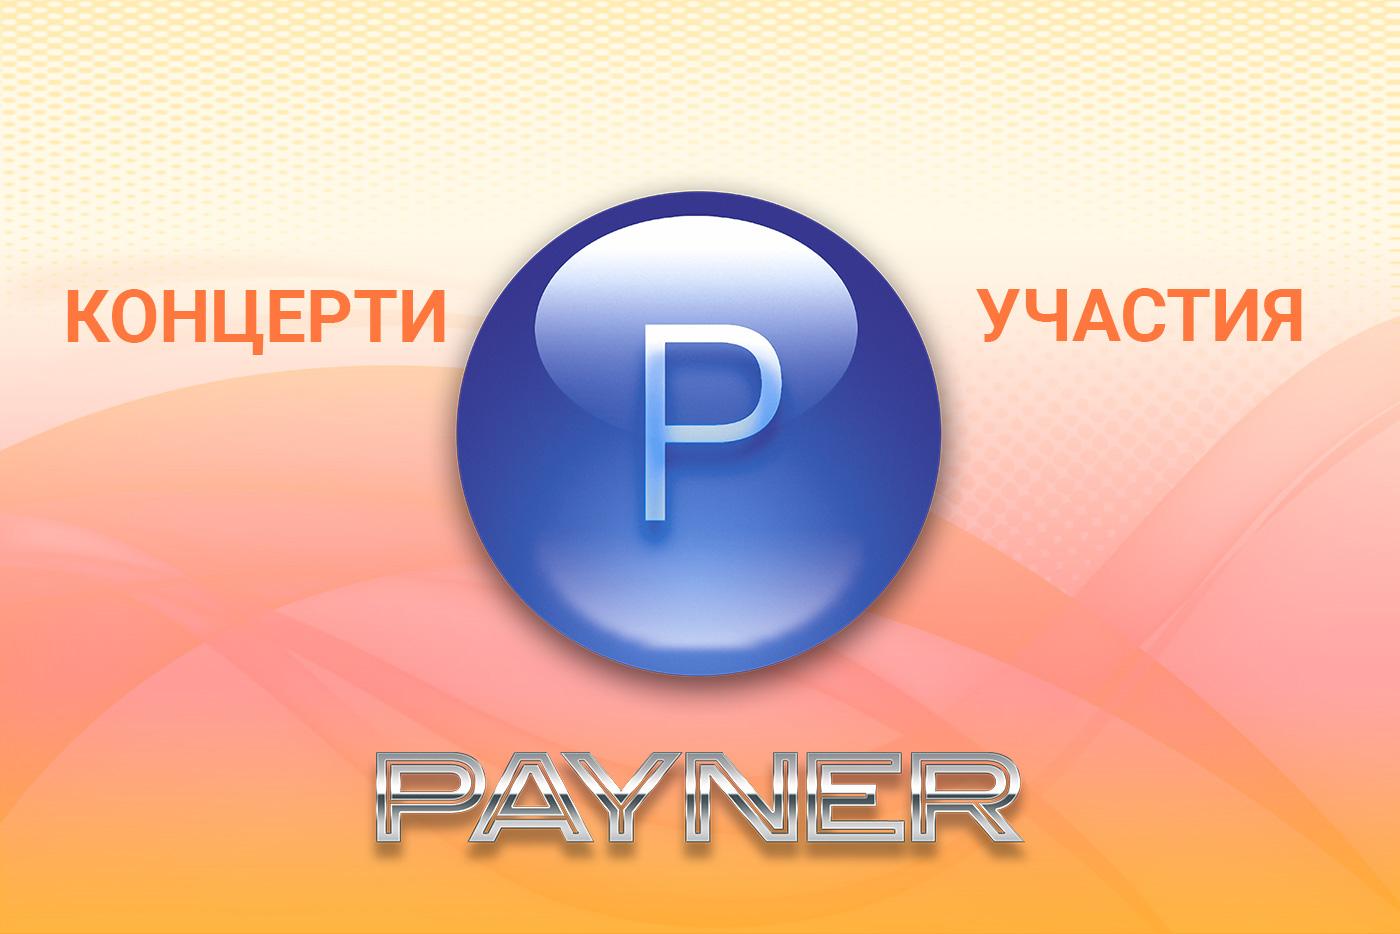 """Участия на звездите на """"Пайнер"""" на 20.09.2019"""